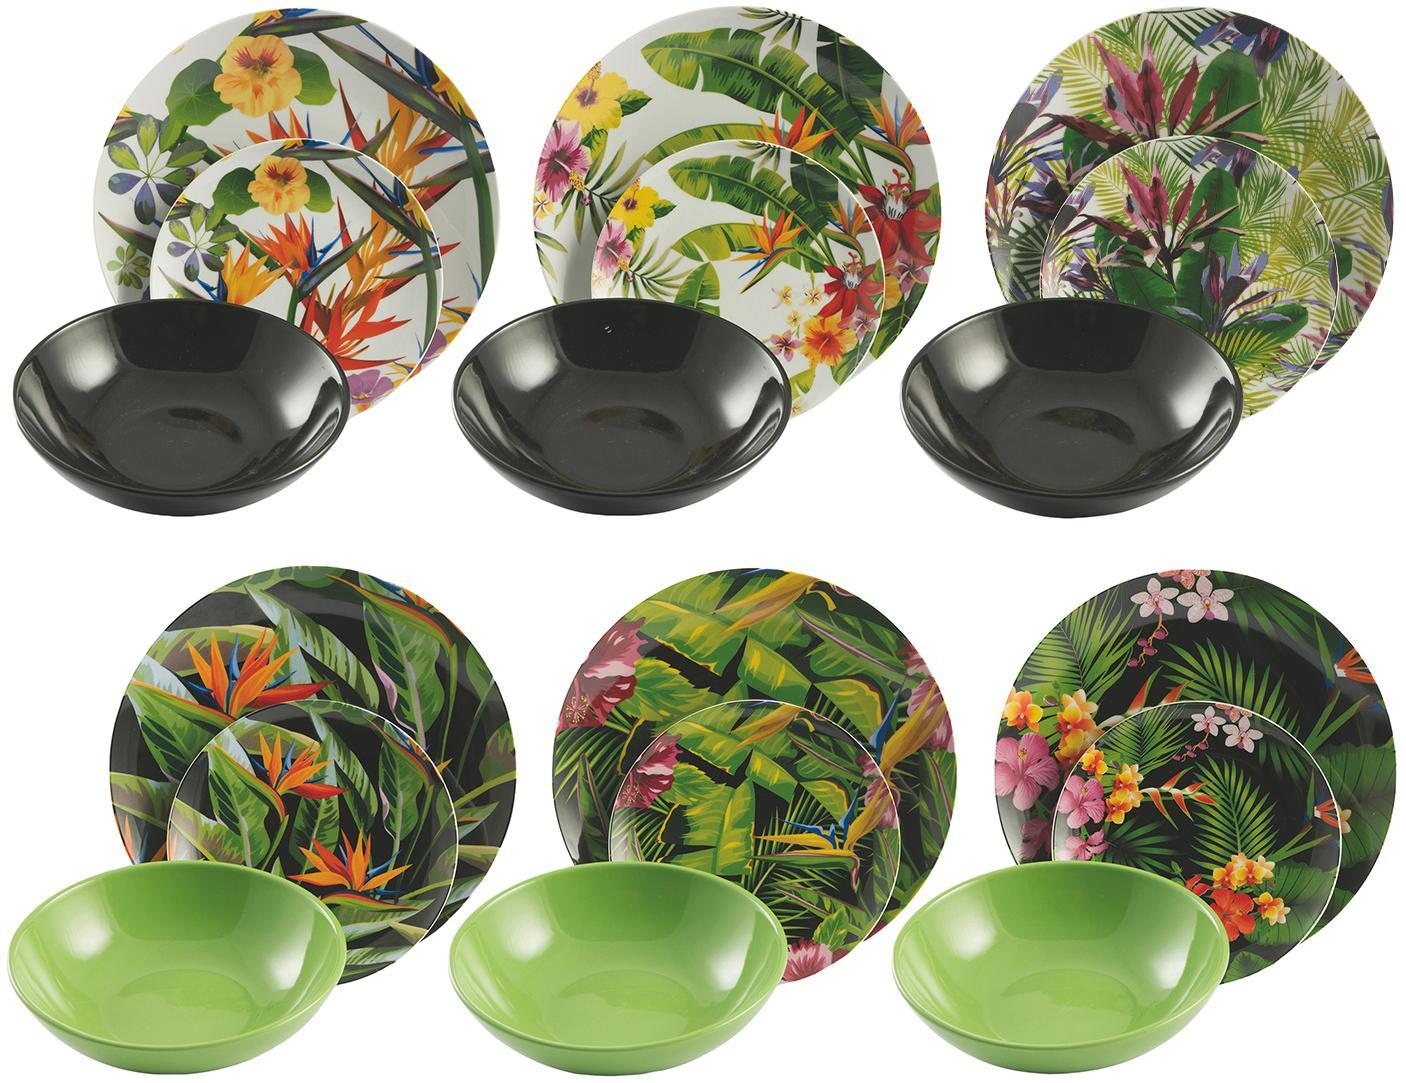 Geschirr-Set Tropical Jungle mit tropischem Design, 6 Personen (18-tlg.), Mehrfarbig, Sondergrößen